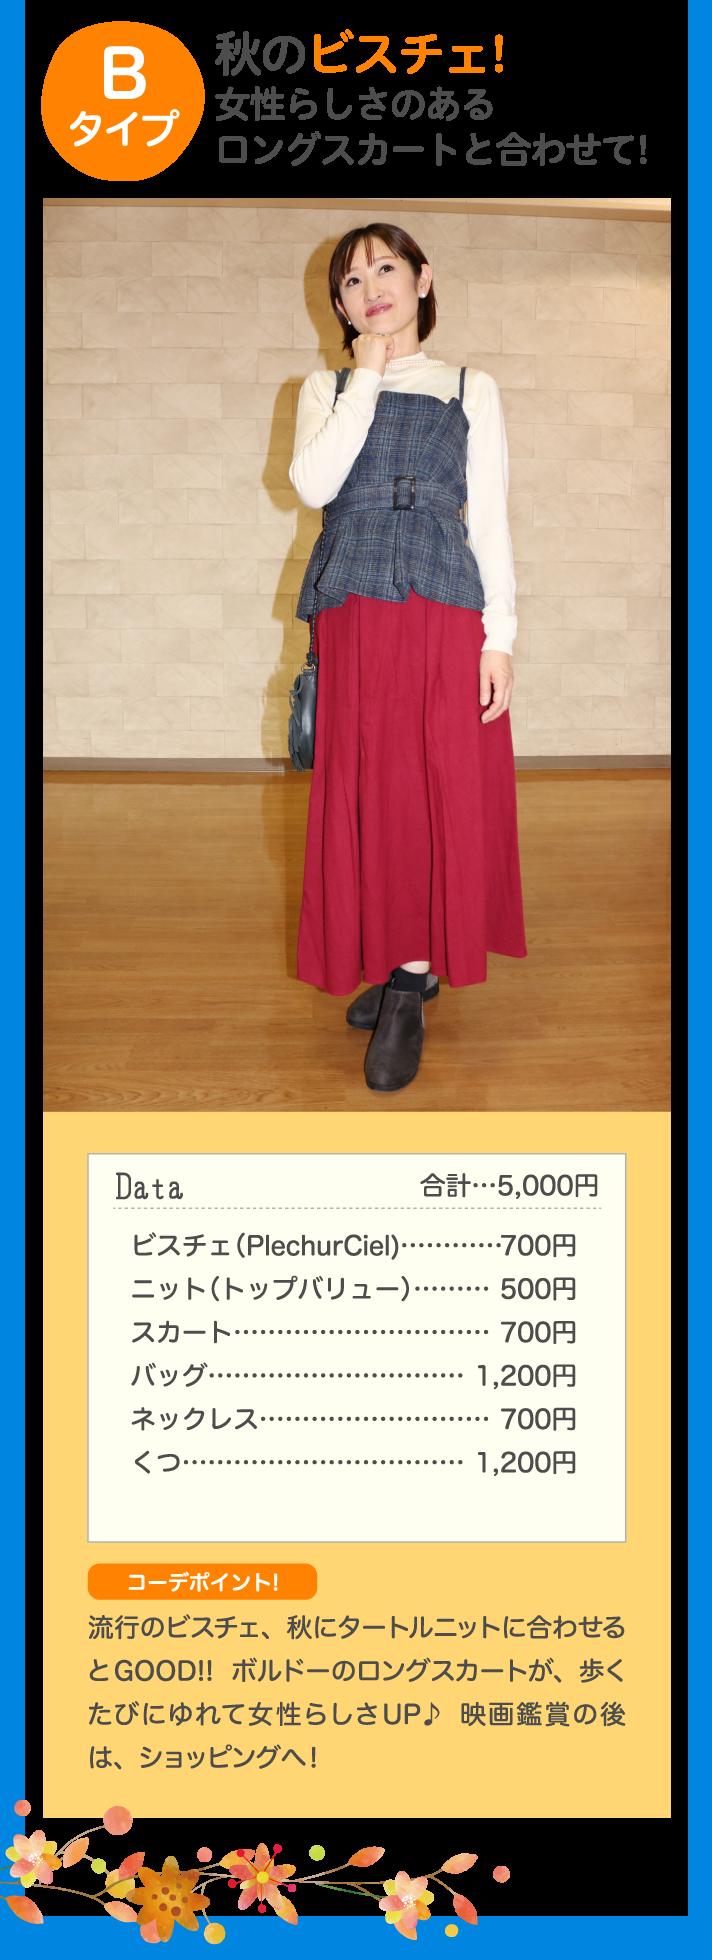 Bタイプ 秋のビスチェ!女性らしさのあるロングスカートと合わせて! Data 合計…5,000円 ビスチェ(PlechurCiel)…700円 ニット(トップバリュー)…500円 スカート …500円 バッグ…1,200円 ネックレス…500円 くつ…500円 コーデポイント♪ 流行のビスチェ、秋にタートルニットに合わせるとGOOD!!ボルドーのロングスカートが、歩くたびにゆれて女性らしさUP♪映画鑑賞の後は、ショッピングへ! !